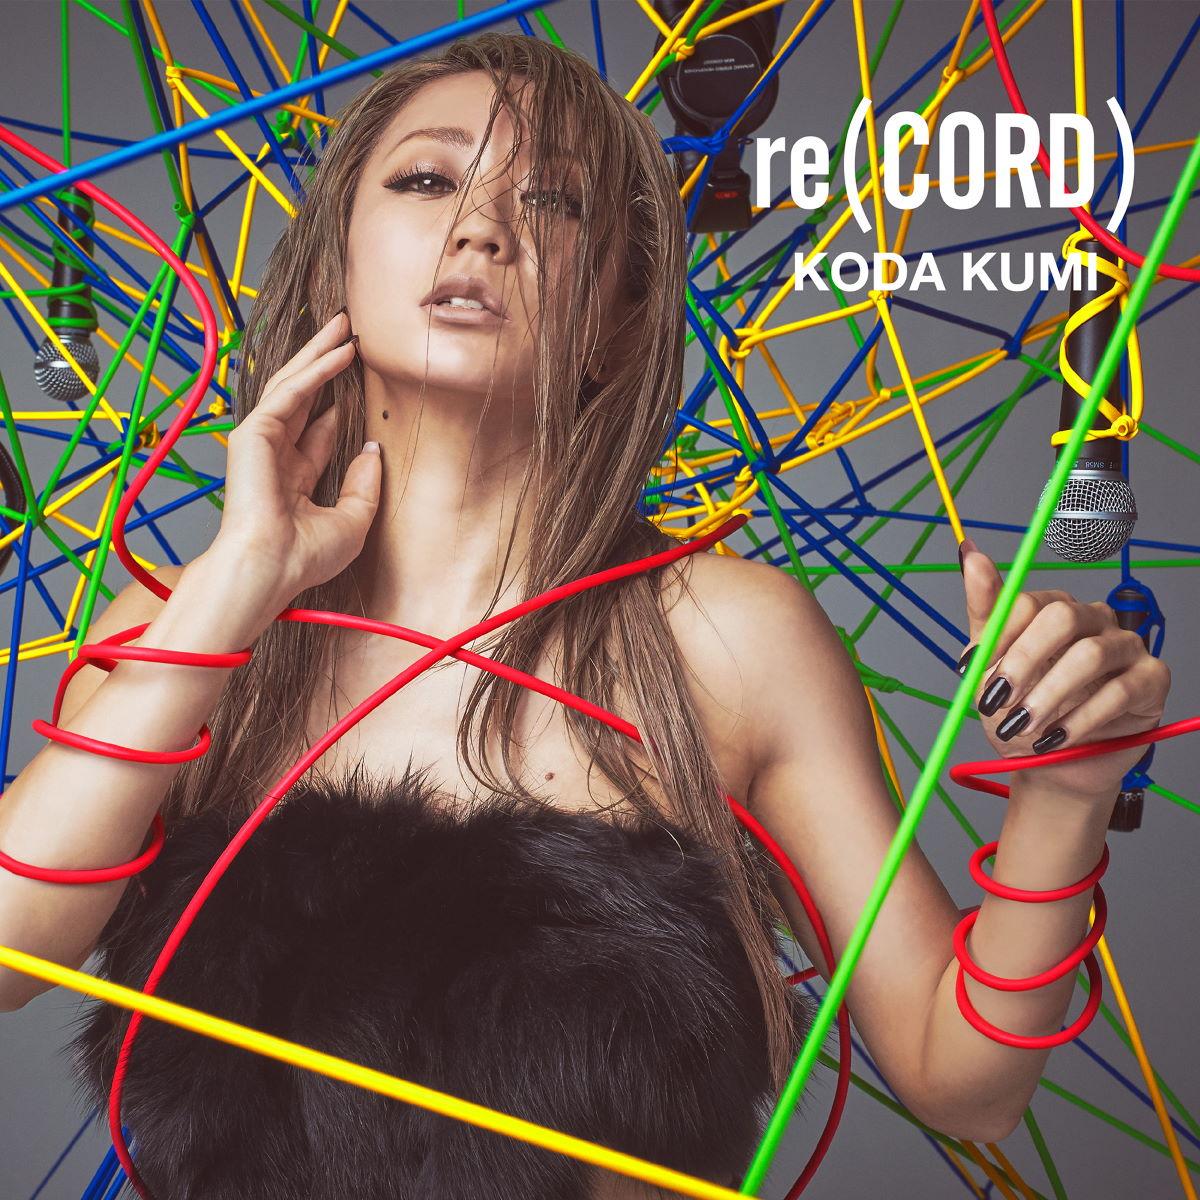 『倖田來未 - Eh Yo -re(CORD) edit-』収録の『re(CORD)』ジャケット